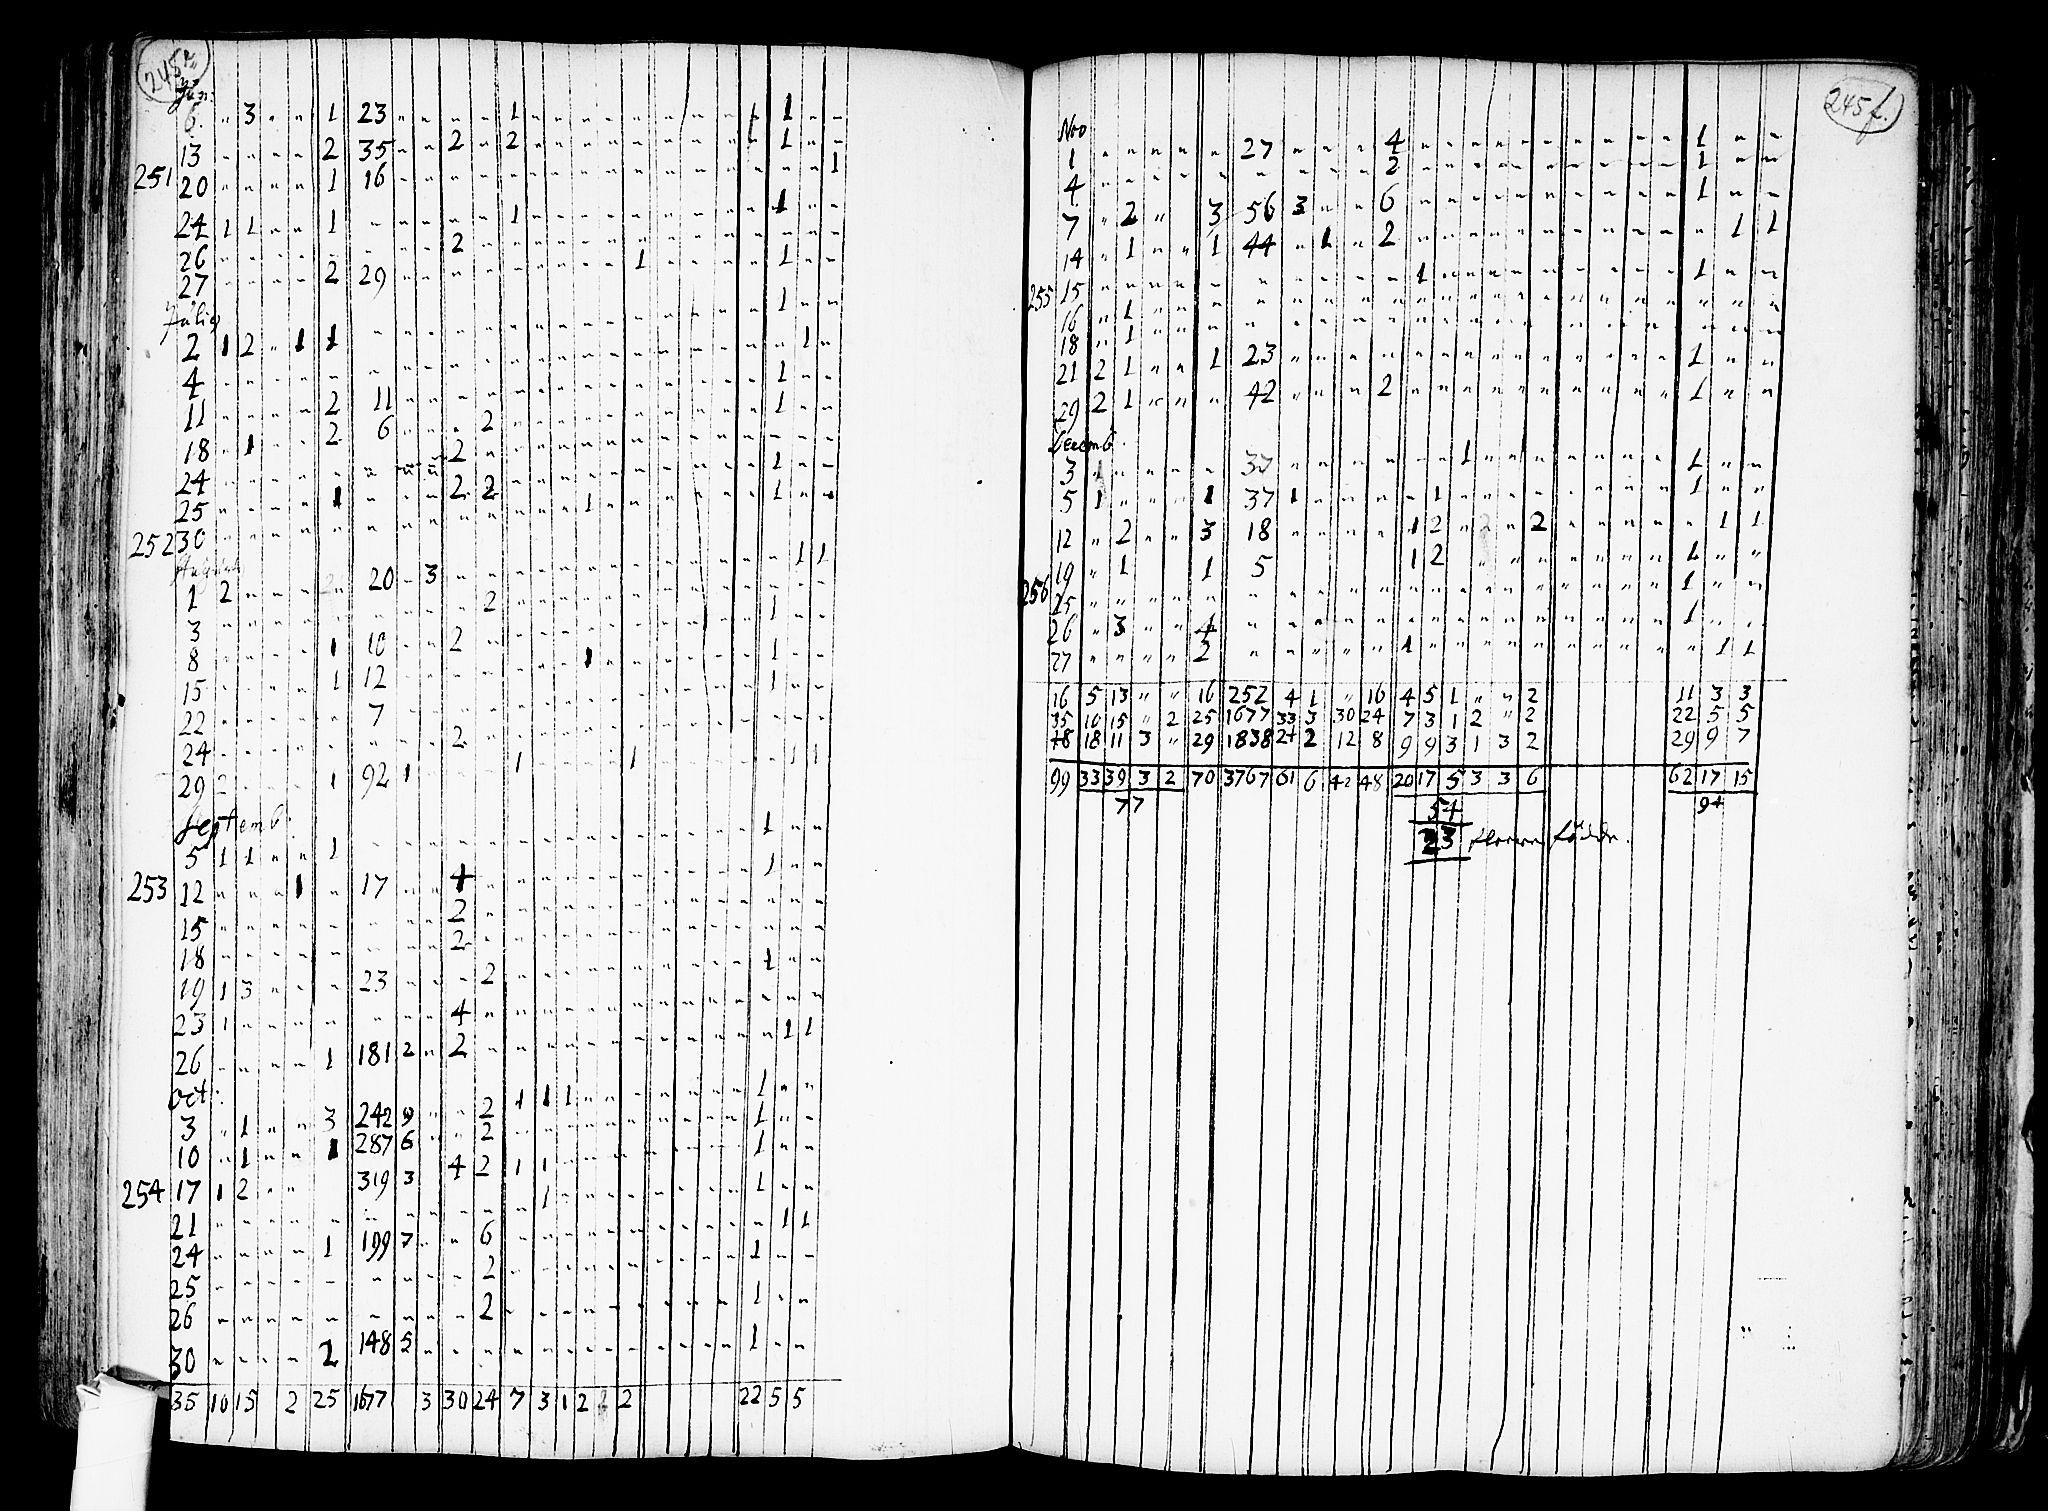 SAO, Nes prestekontor Kirkebøker, F/Fa/L0001: Parish register (official) no. I 1, 1689-1716, p. 245e-245f